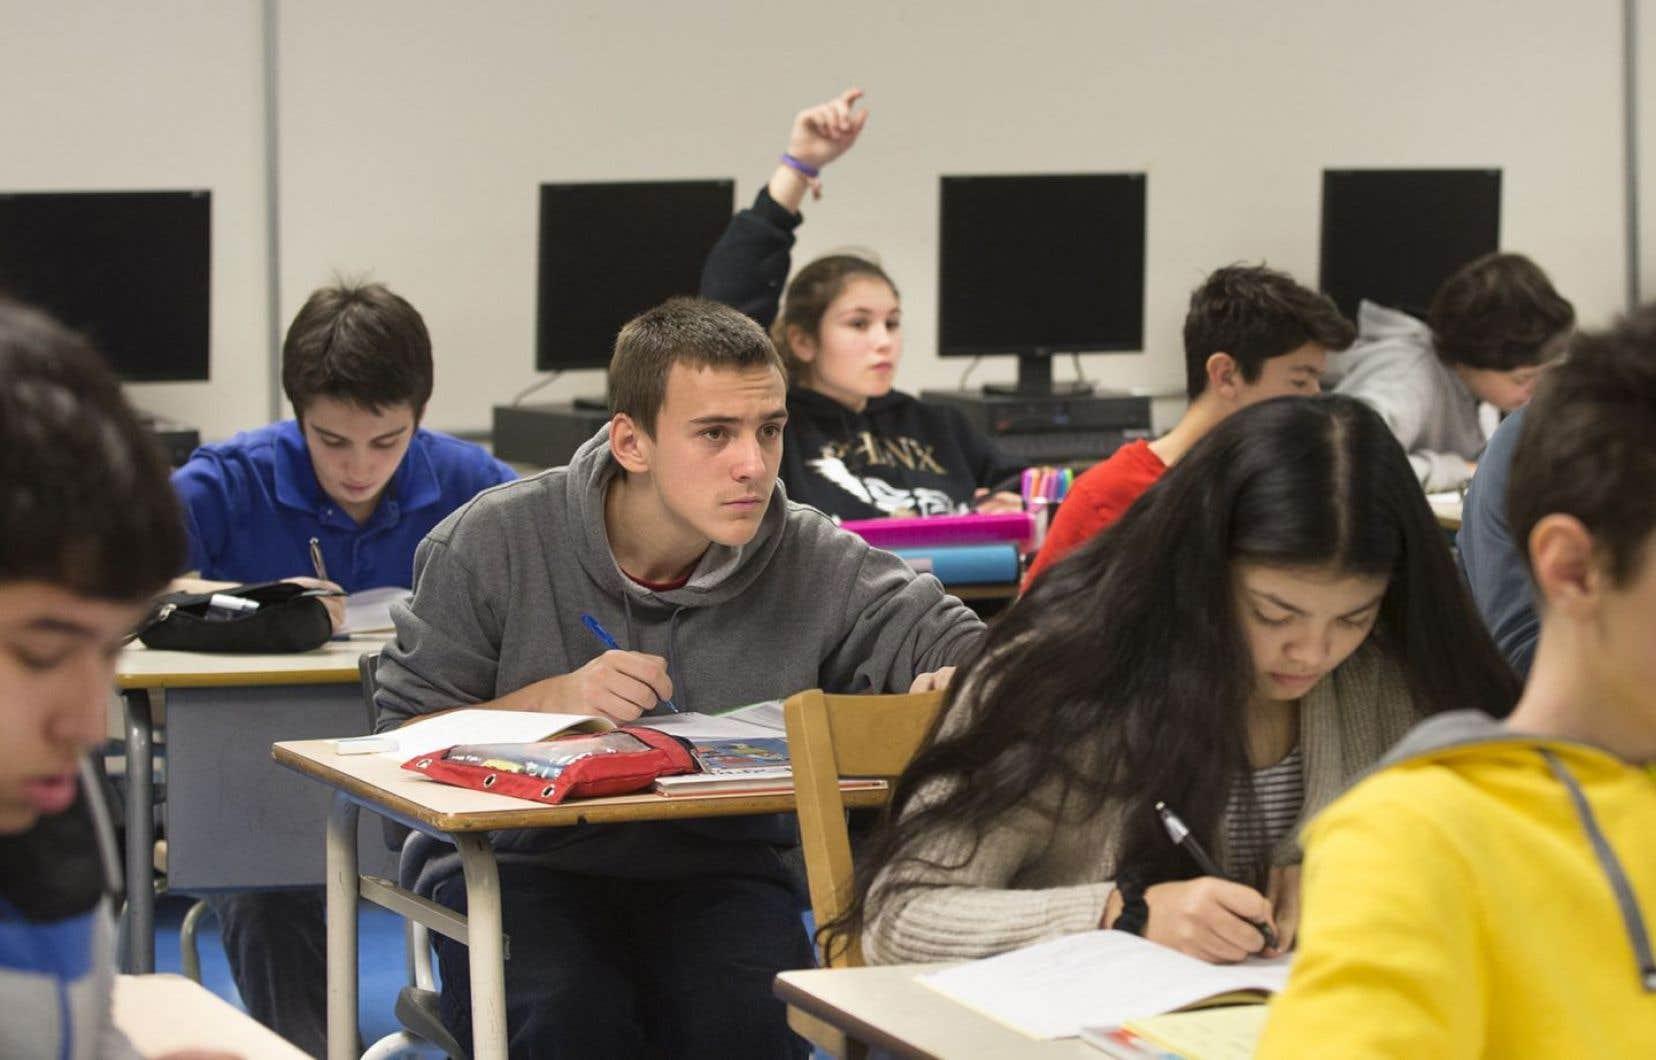 Malgré les avancées des dernières années, trop de jeunes Québécois peinent à obtenir un diplôme secondaire dans les temps prescrits.